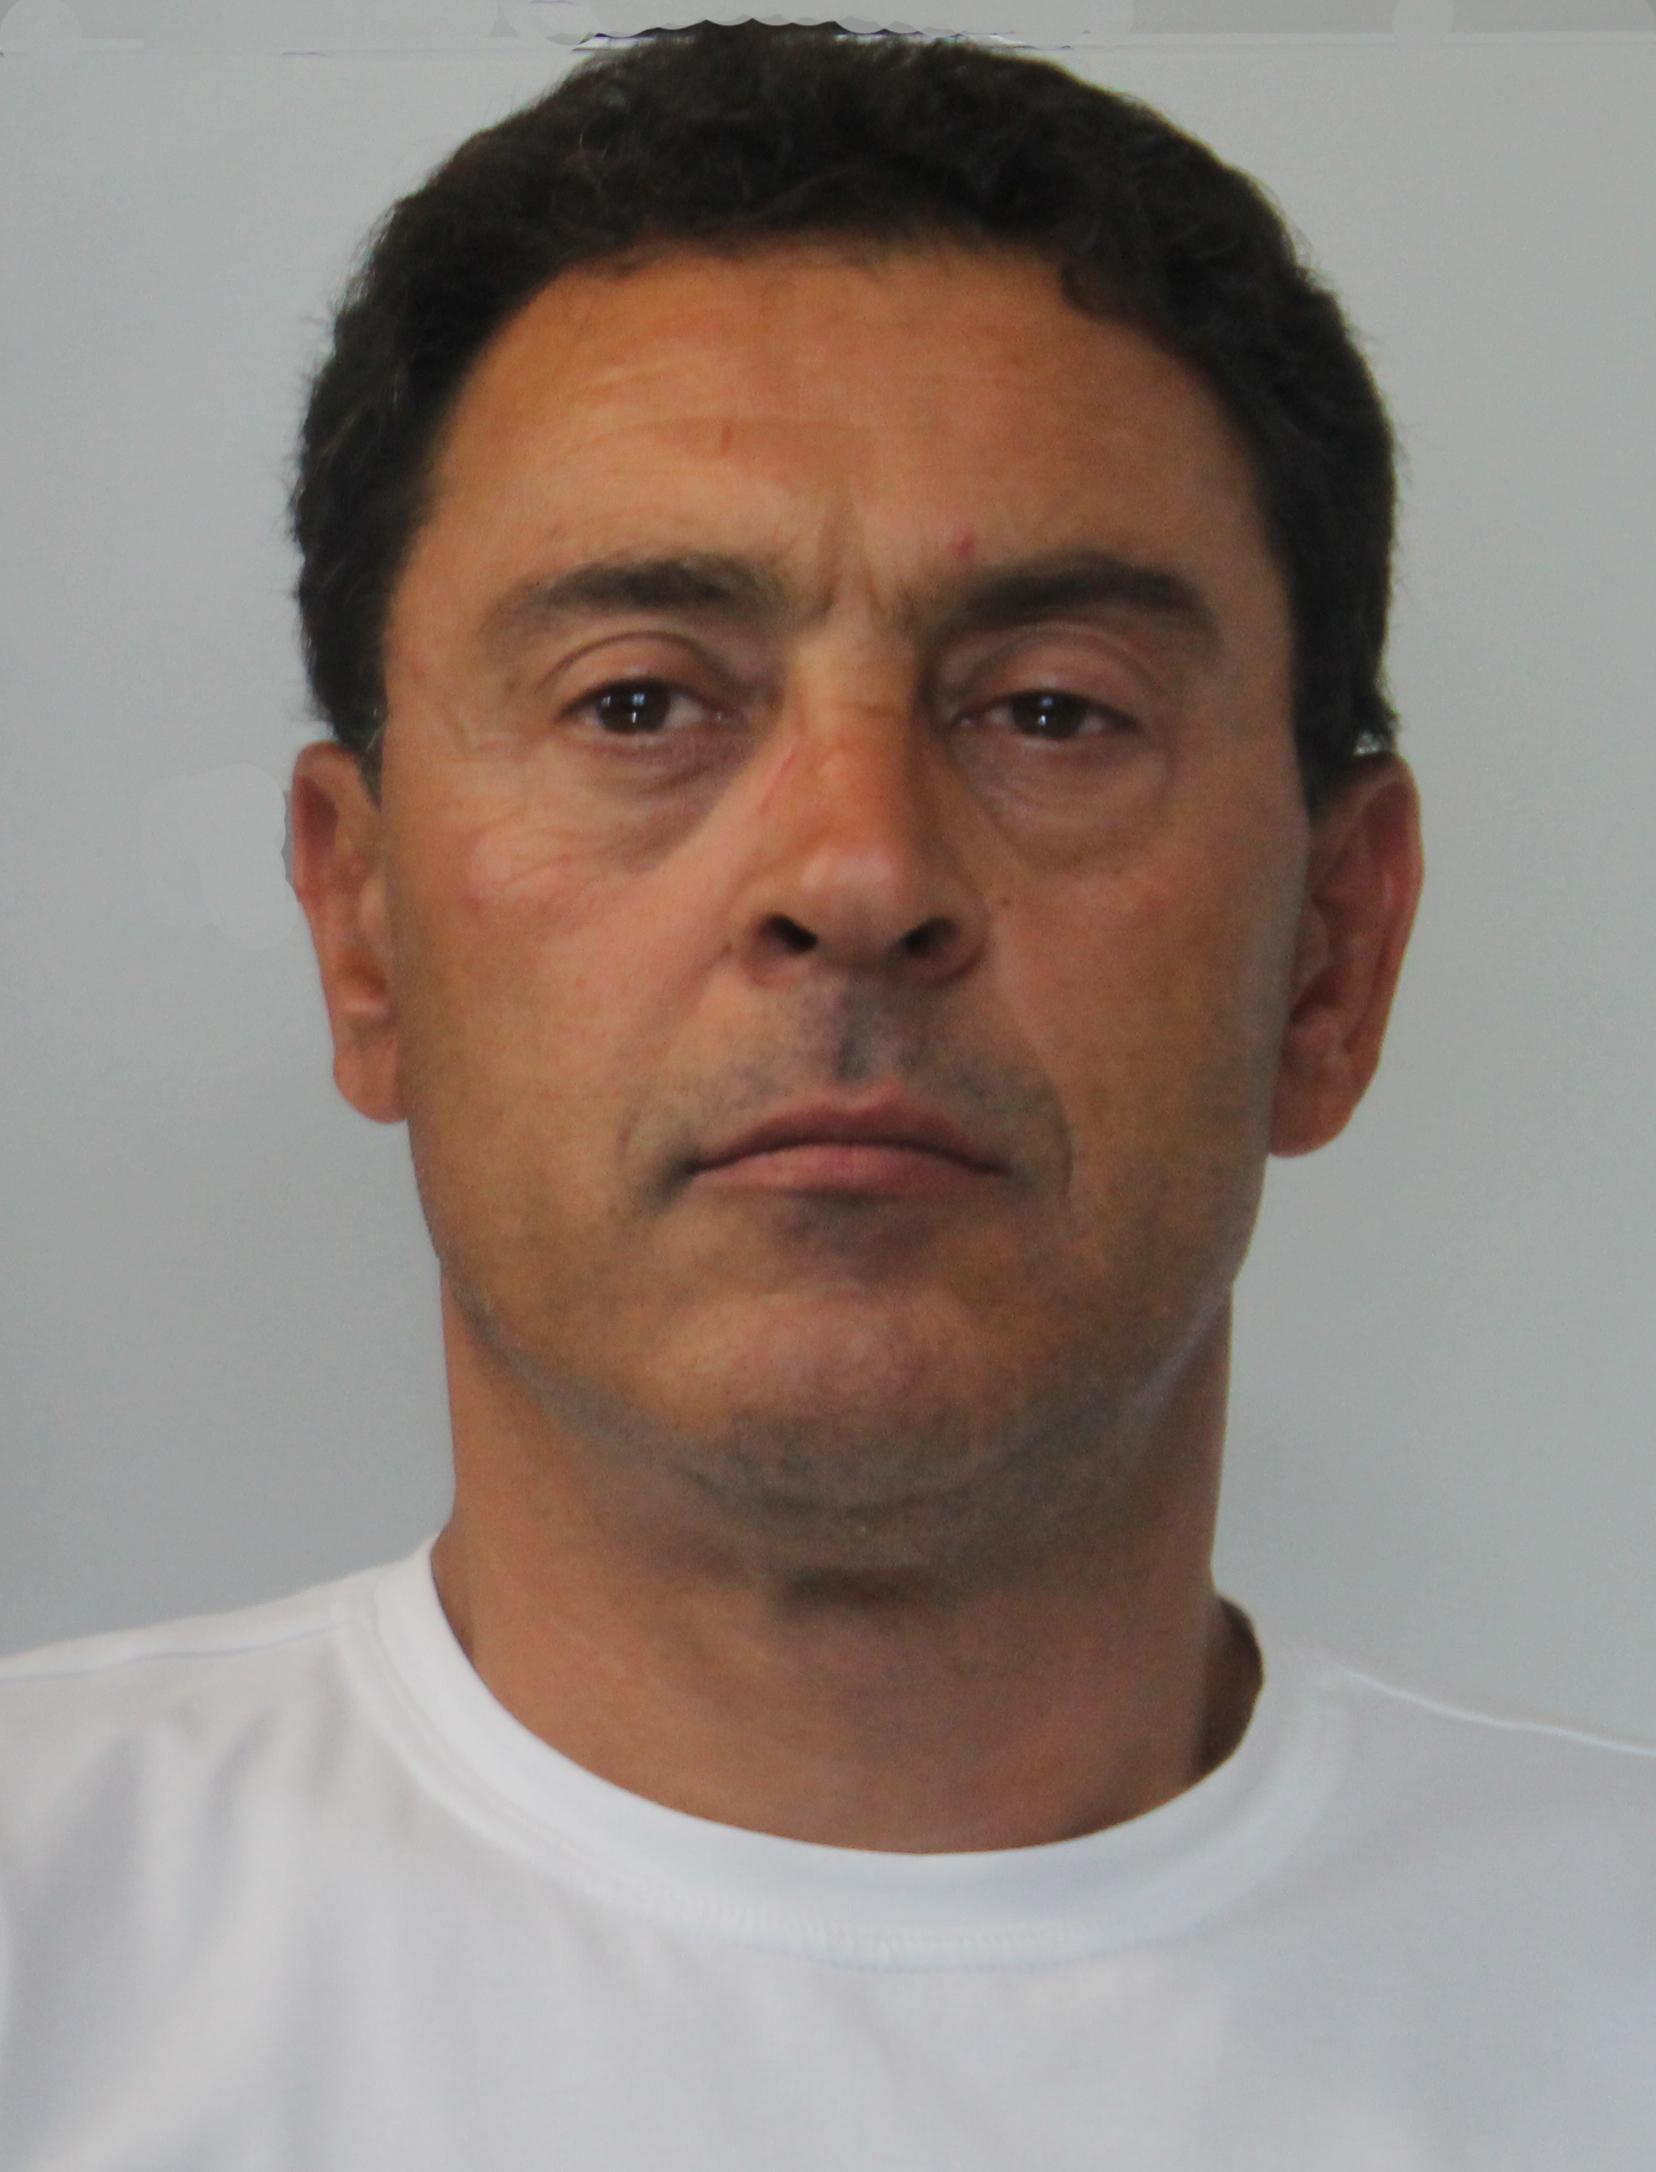 Mulè Gaspare Maurizio